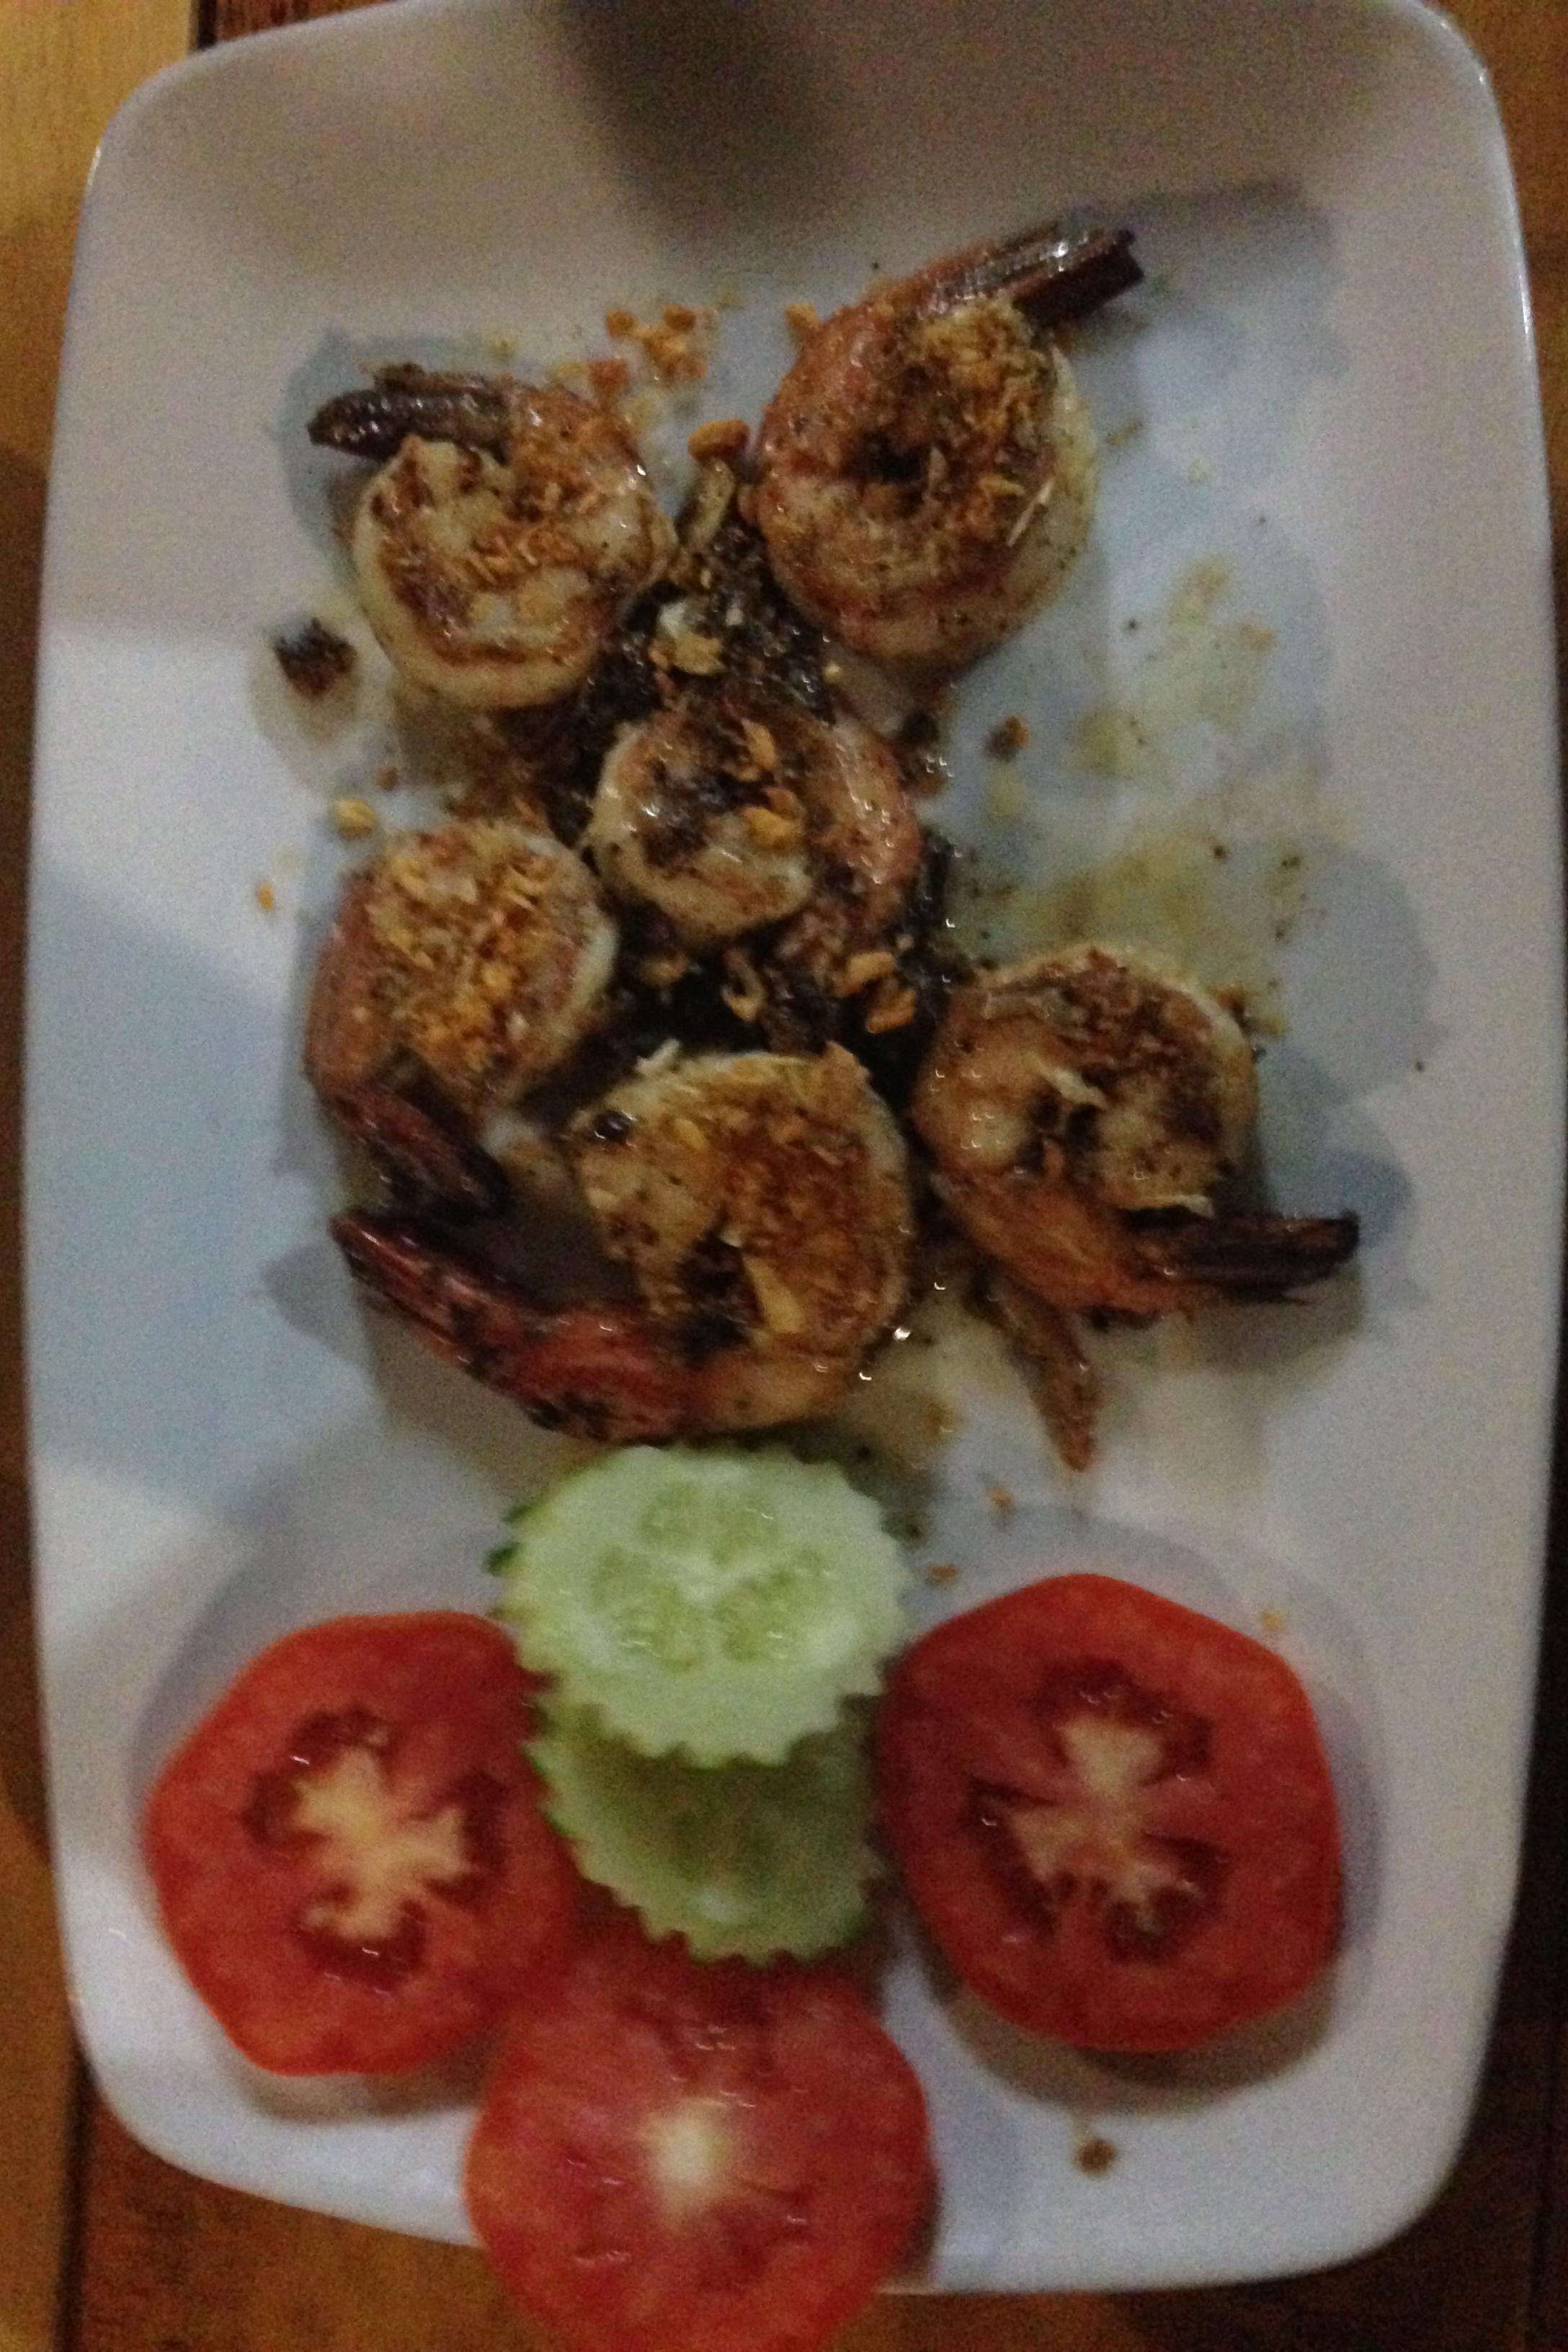 Goong tod gratiam prik thai/garlic shrimp. Krevety s pepřem a česnek, nad očekávání výýýtečné.